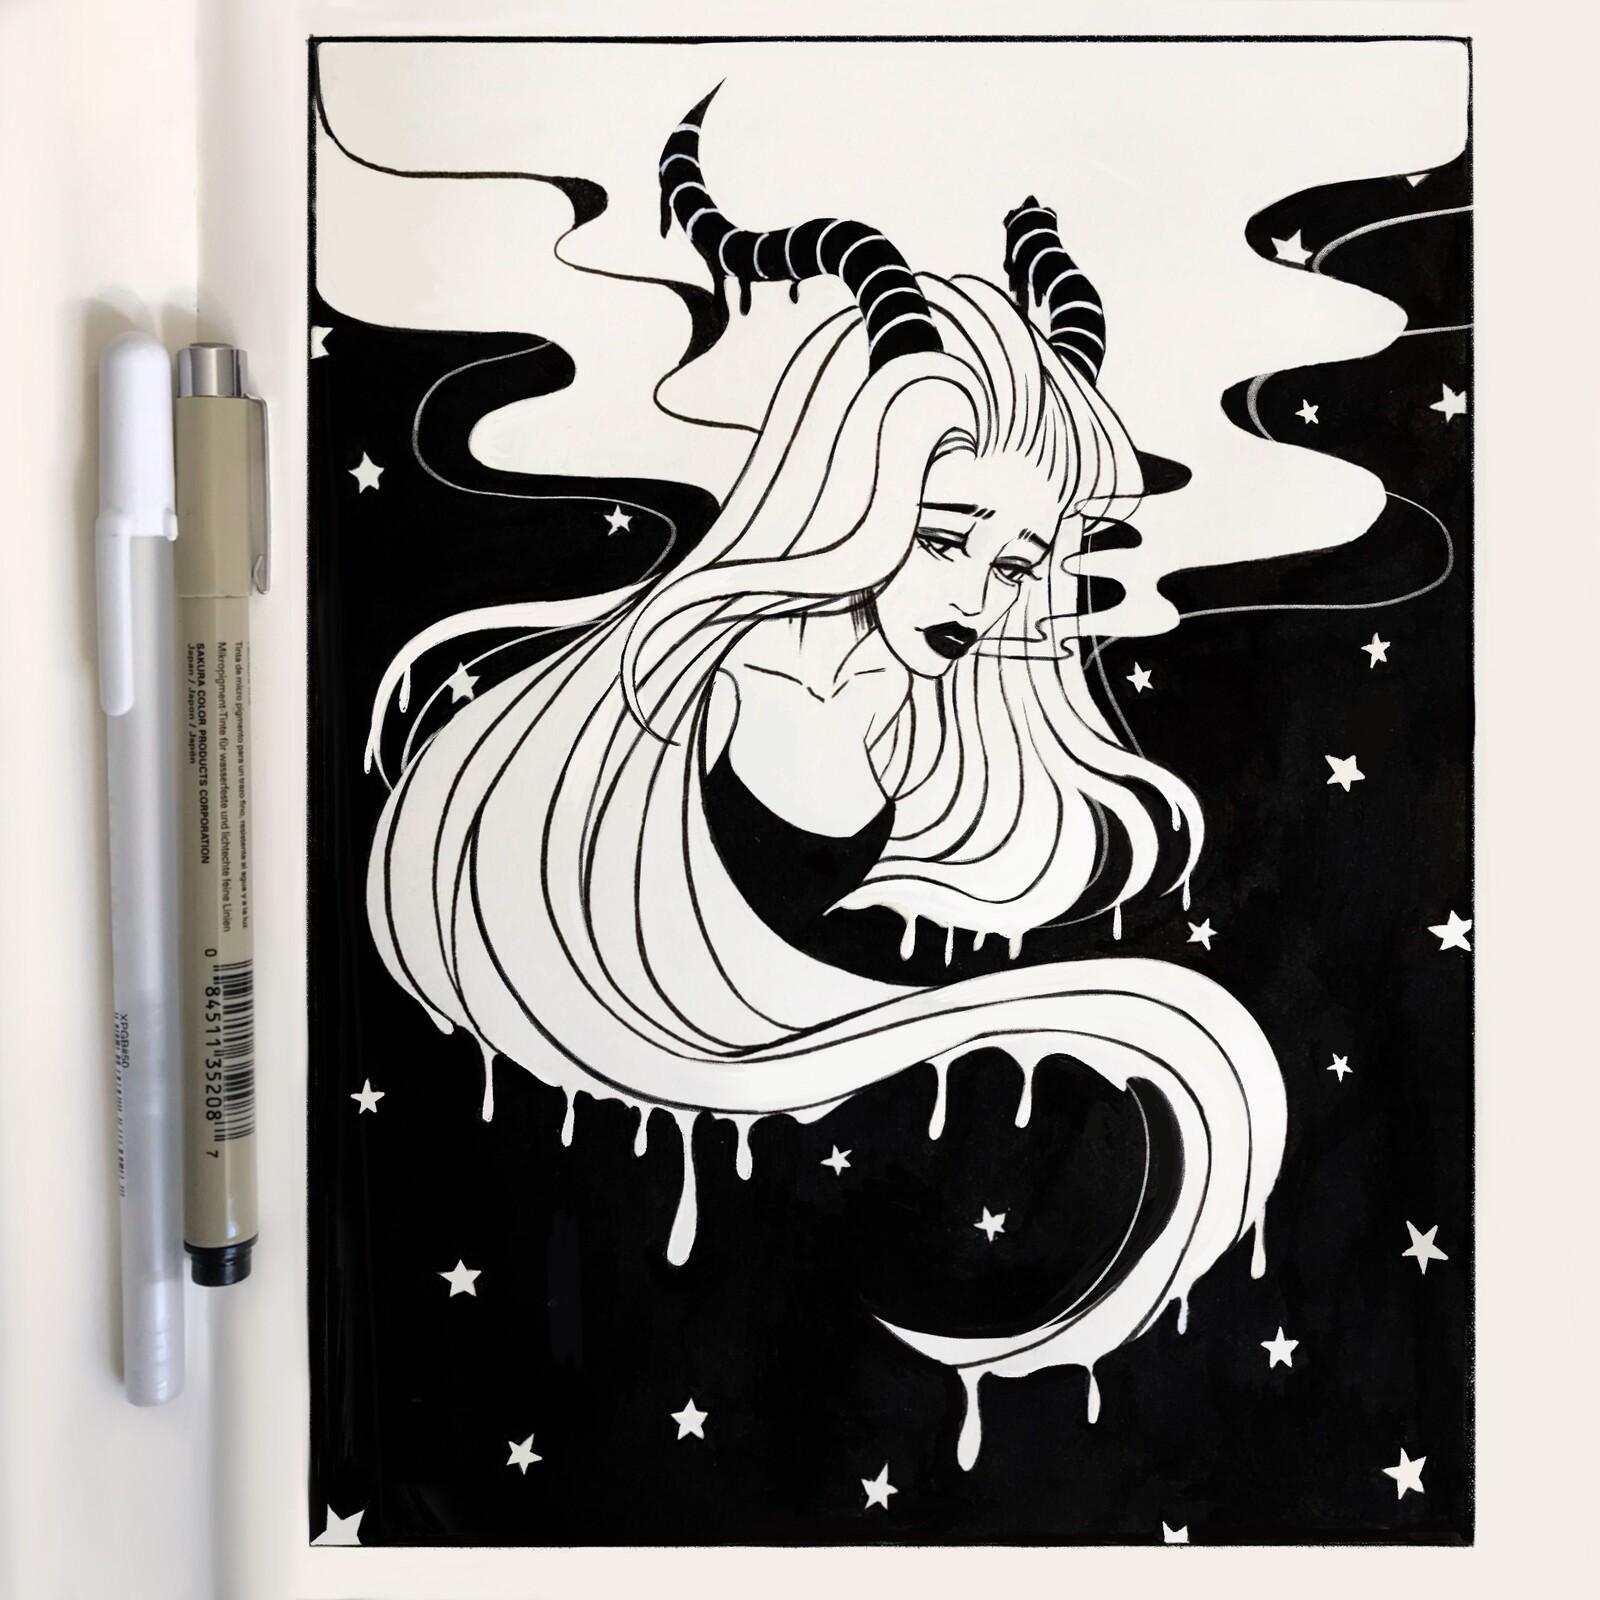 Smoke, Droplets and Stars